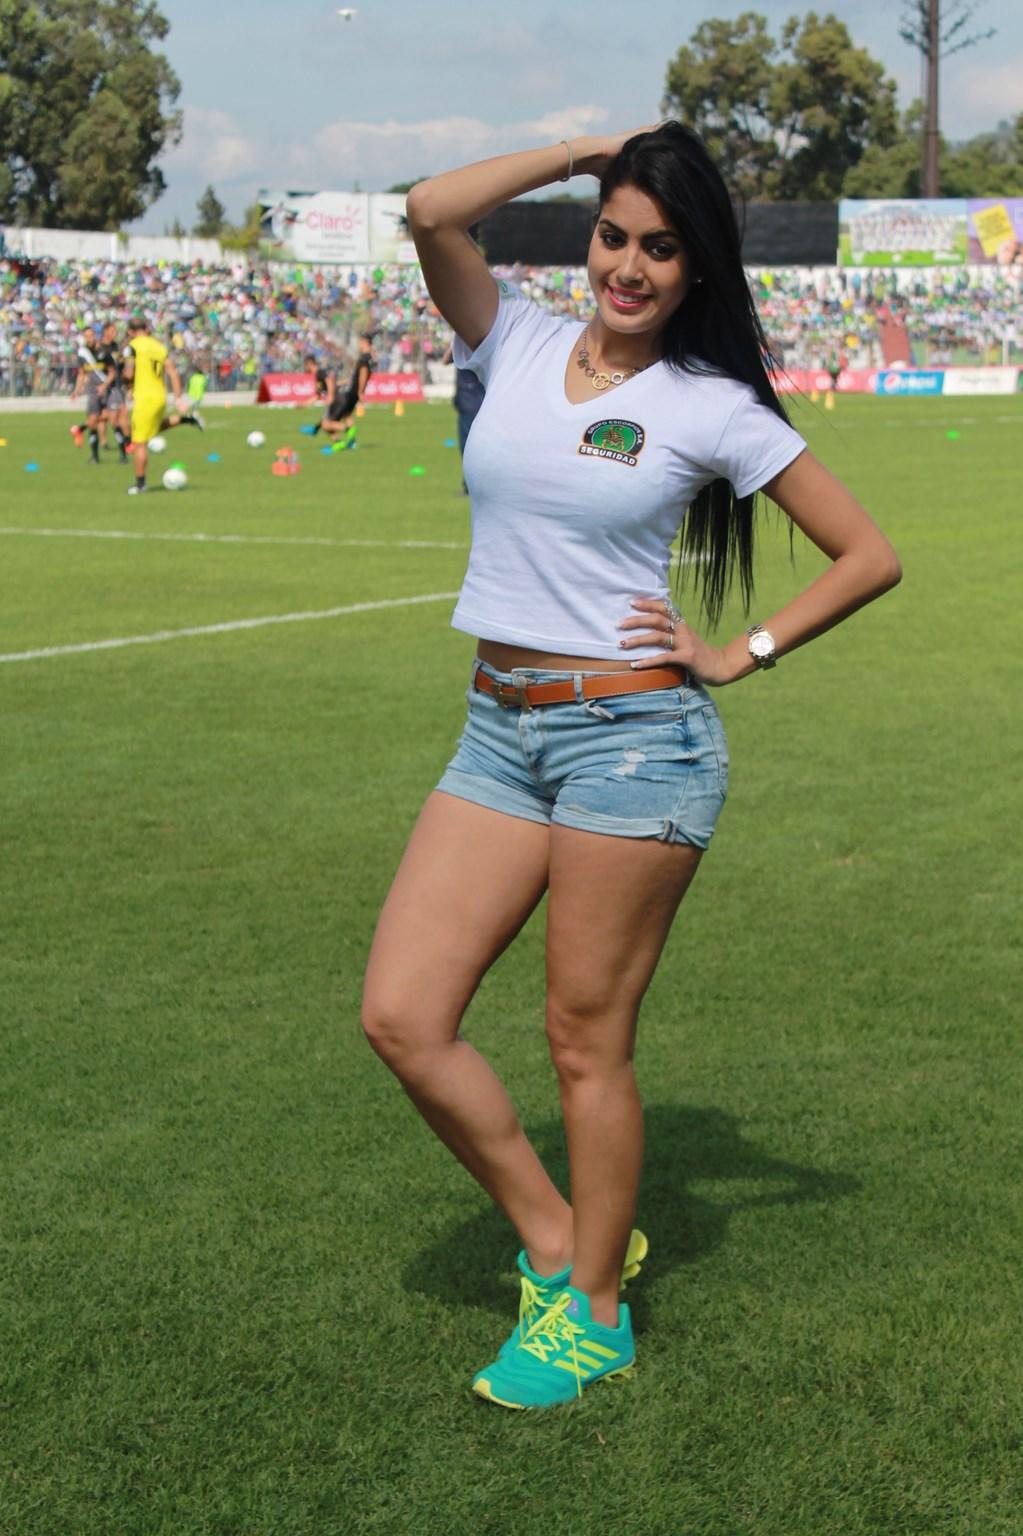 (((FOTOS))) Estes es el Torneo Clausura 2017, nos acompaña Astrid